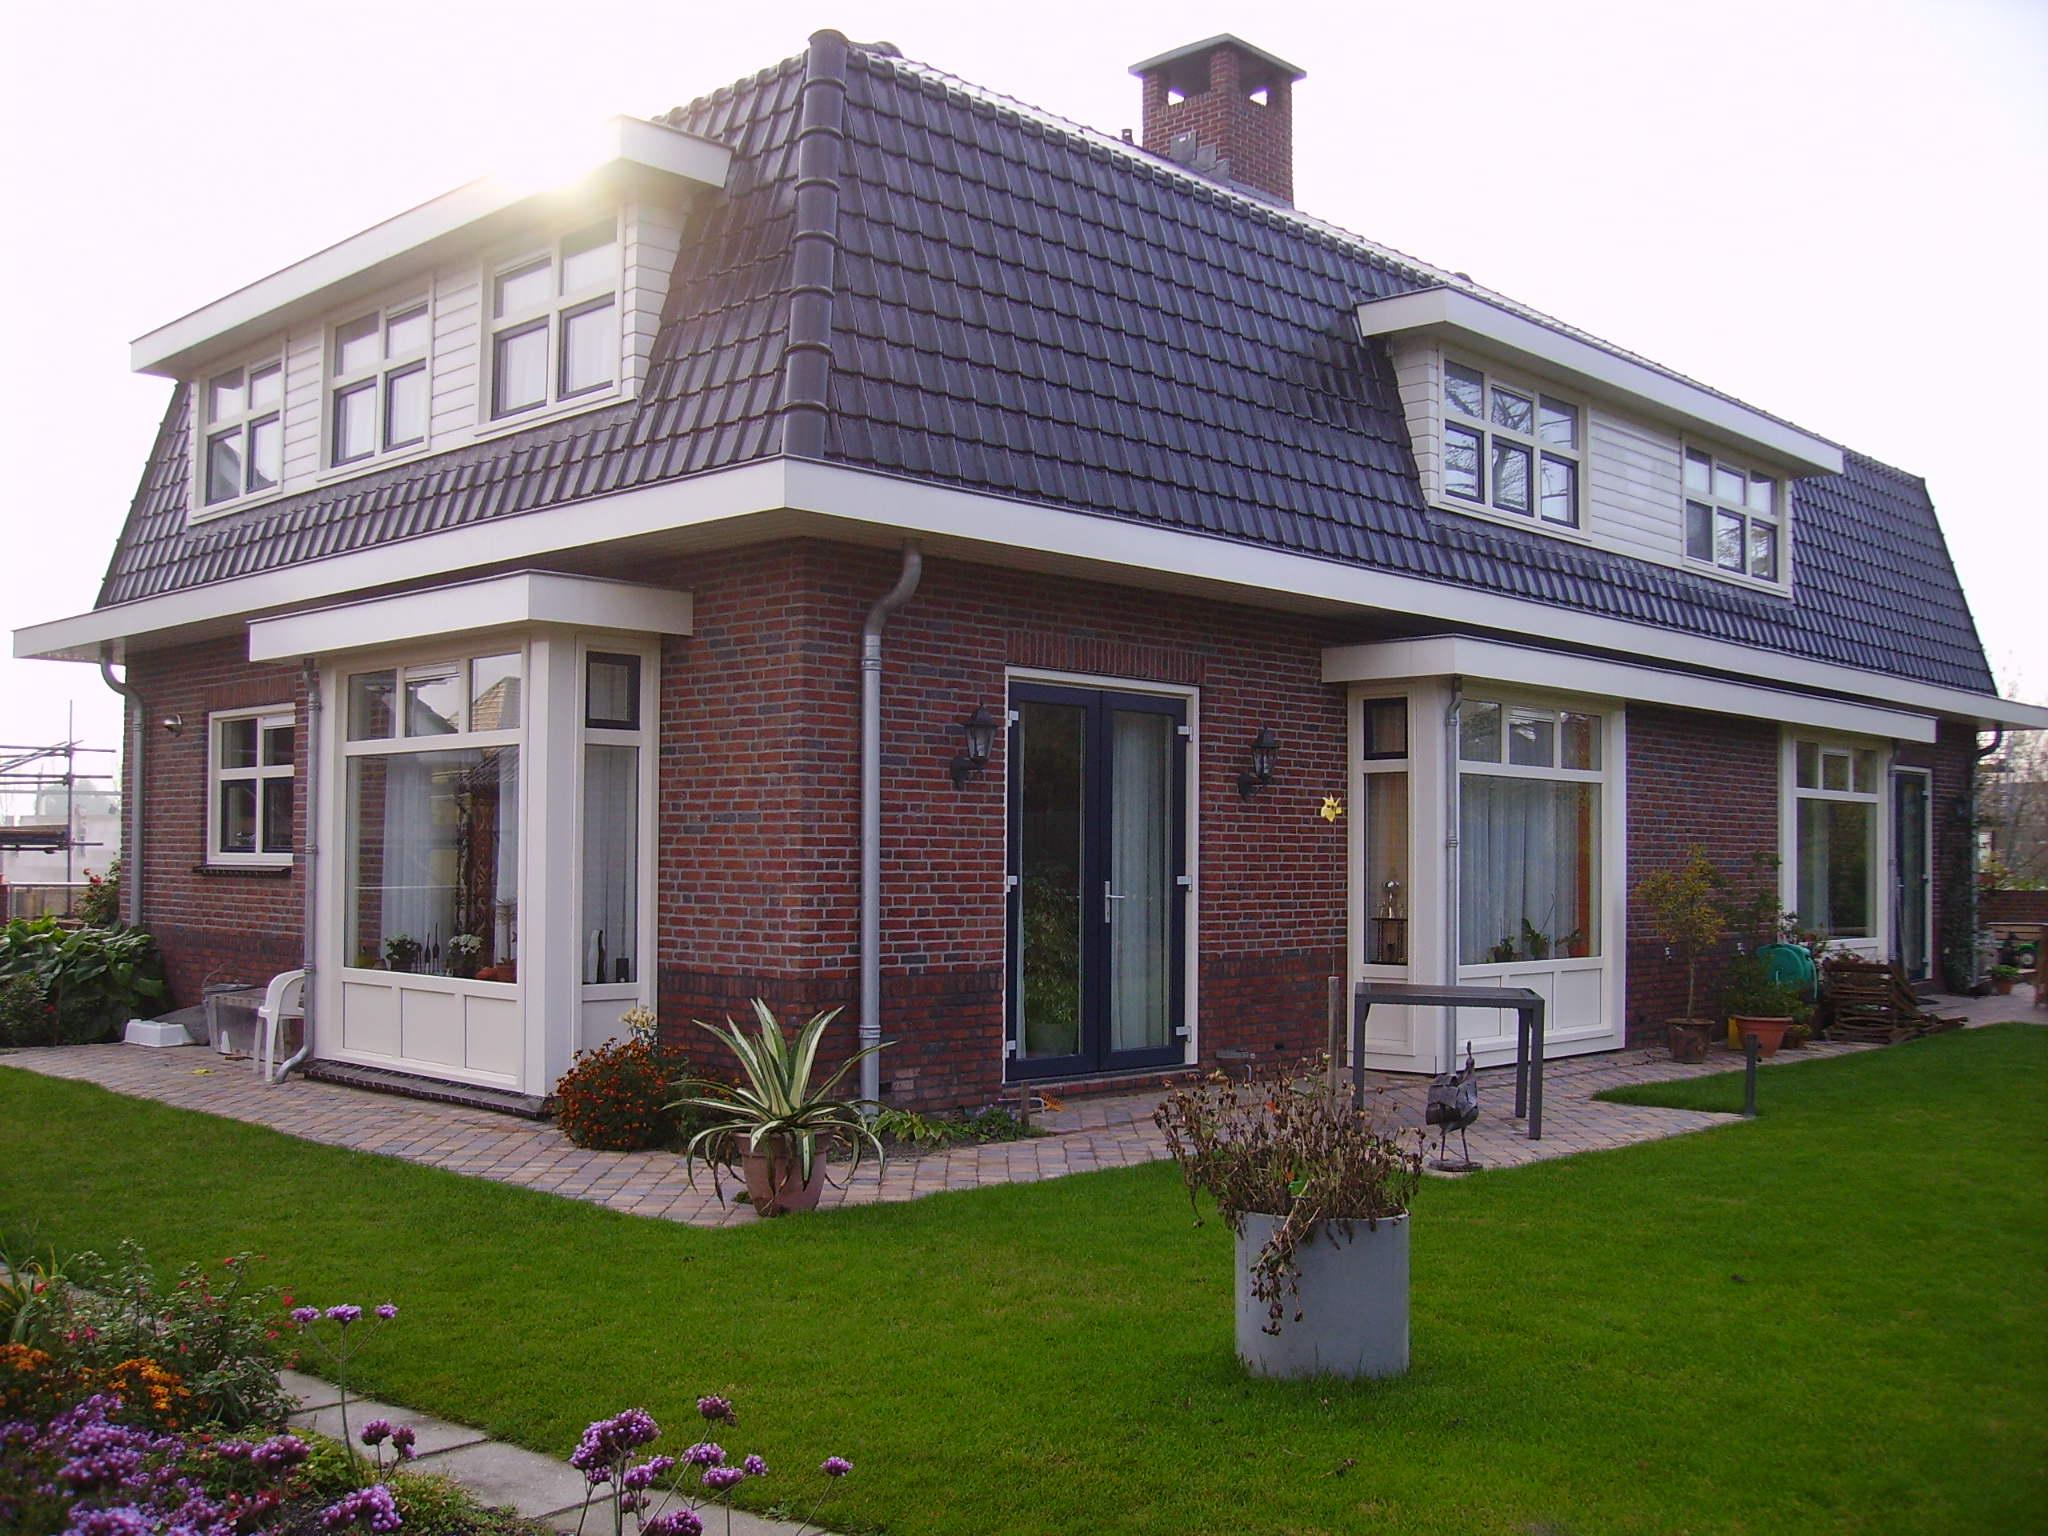 https://www.kroombv.nl/wp-content/uploads/2017/05/villa_nieuwbouw_aannemer_groot_amsterdam_kroom_4.jpeg